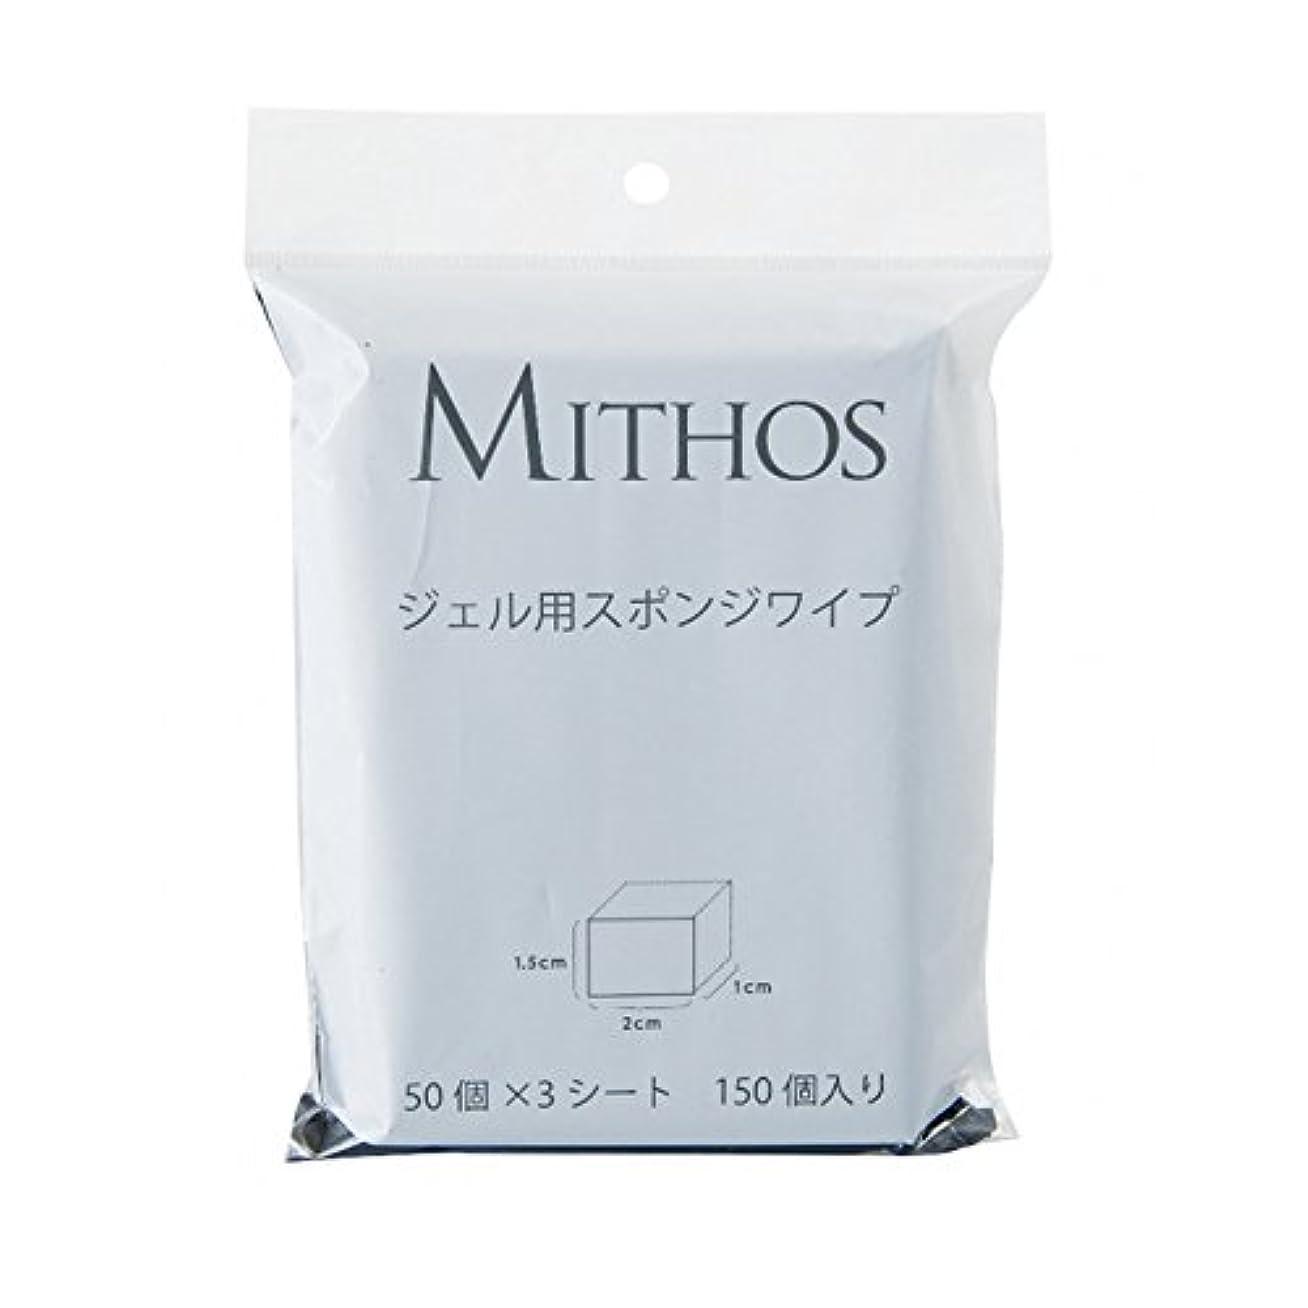 逆説そう欺MITHOS ジェル用スポンジワイプ 150P 1.5×2×1cm 50個×3シート